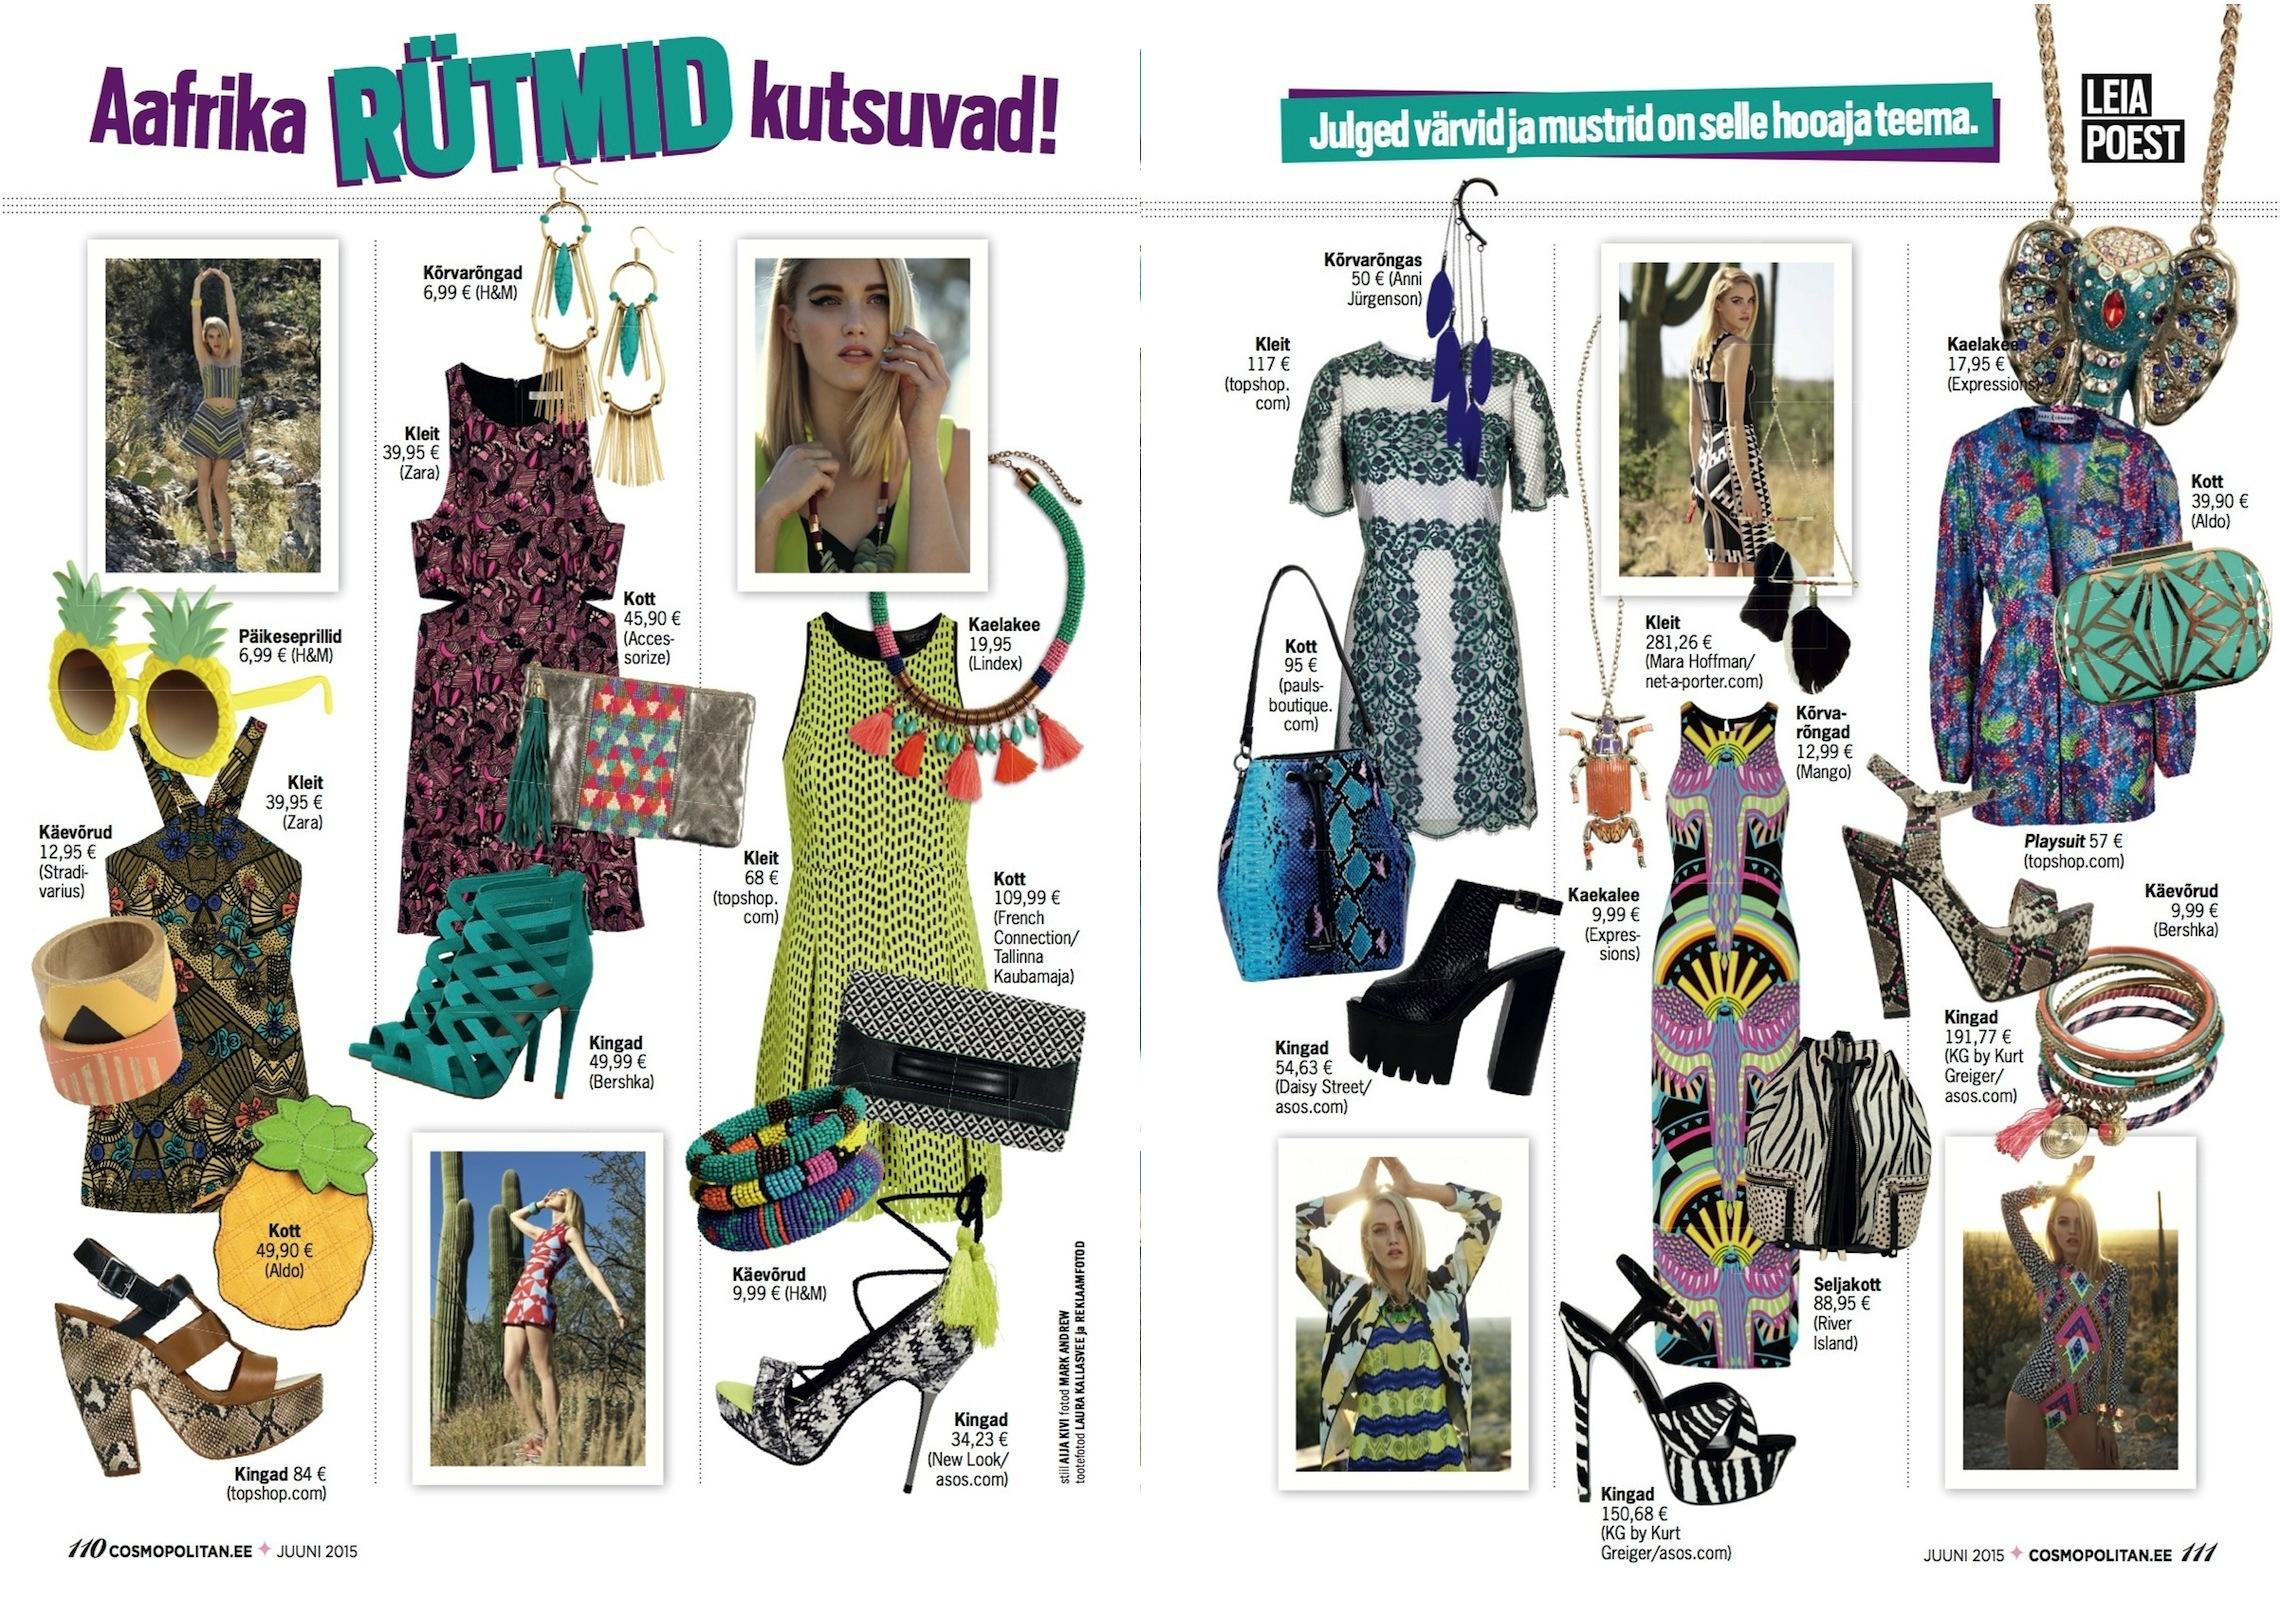 102-aija-kivi-for-cosmopolitan-estonia-magazine-stylist-fashion-editor-copy